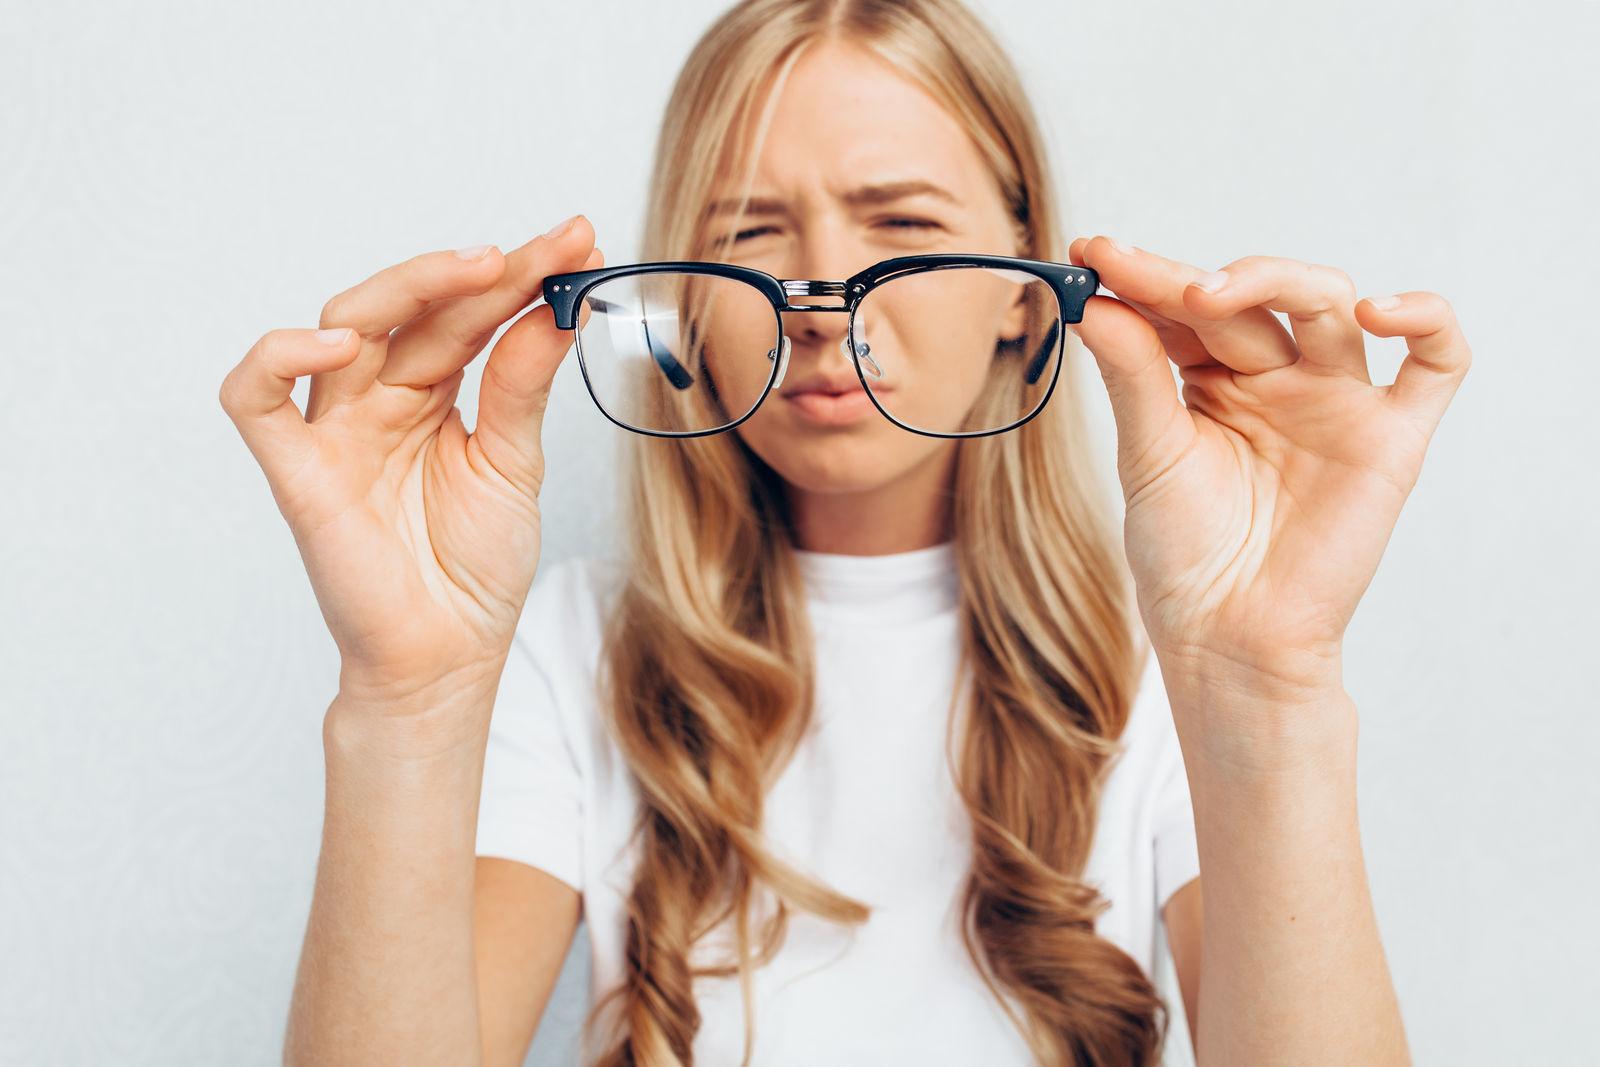 девушка держит в руках очки и щурится